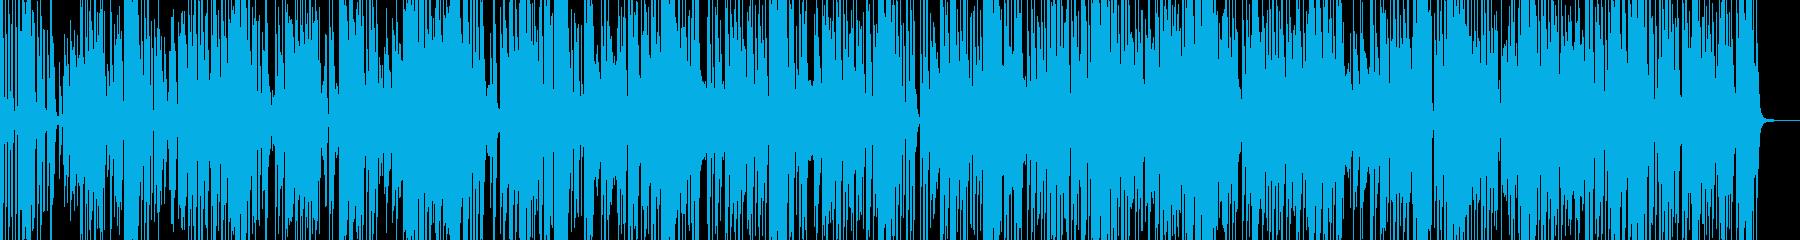 動きや変化をイメージしたファンクロックの再生済みの波形